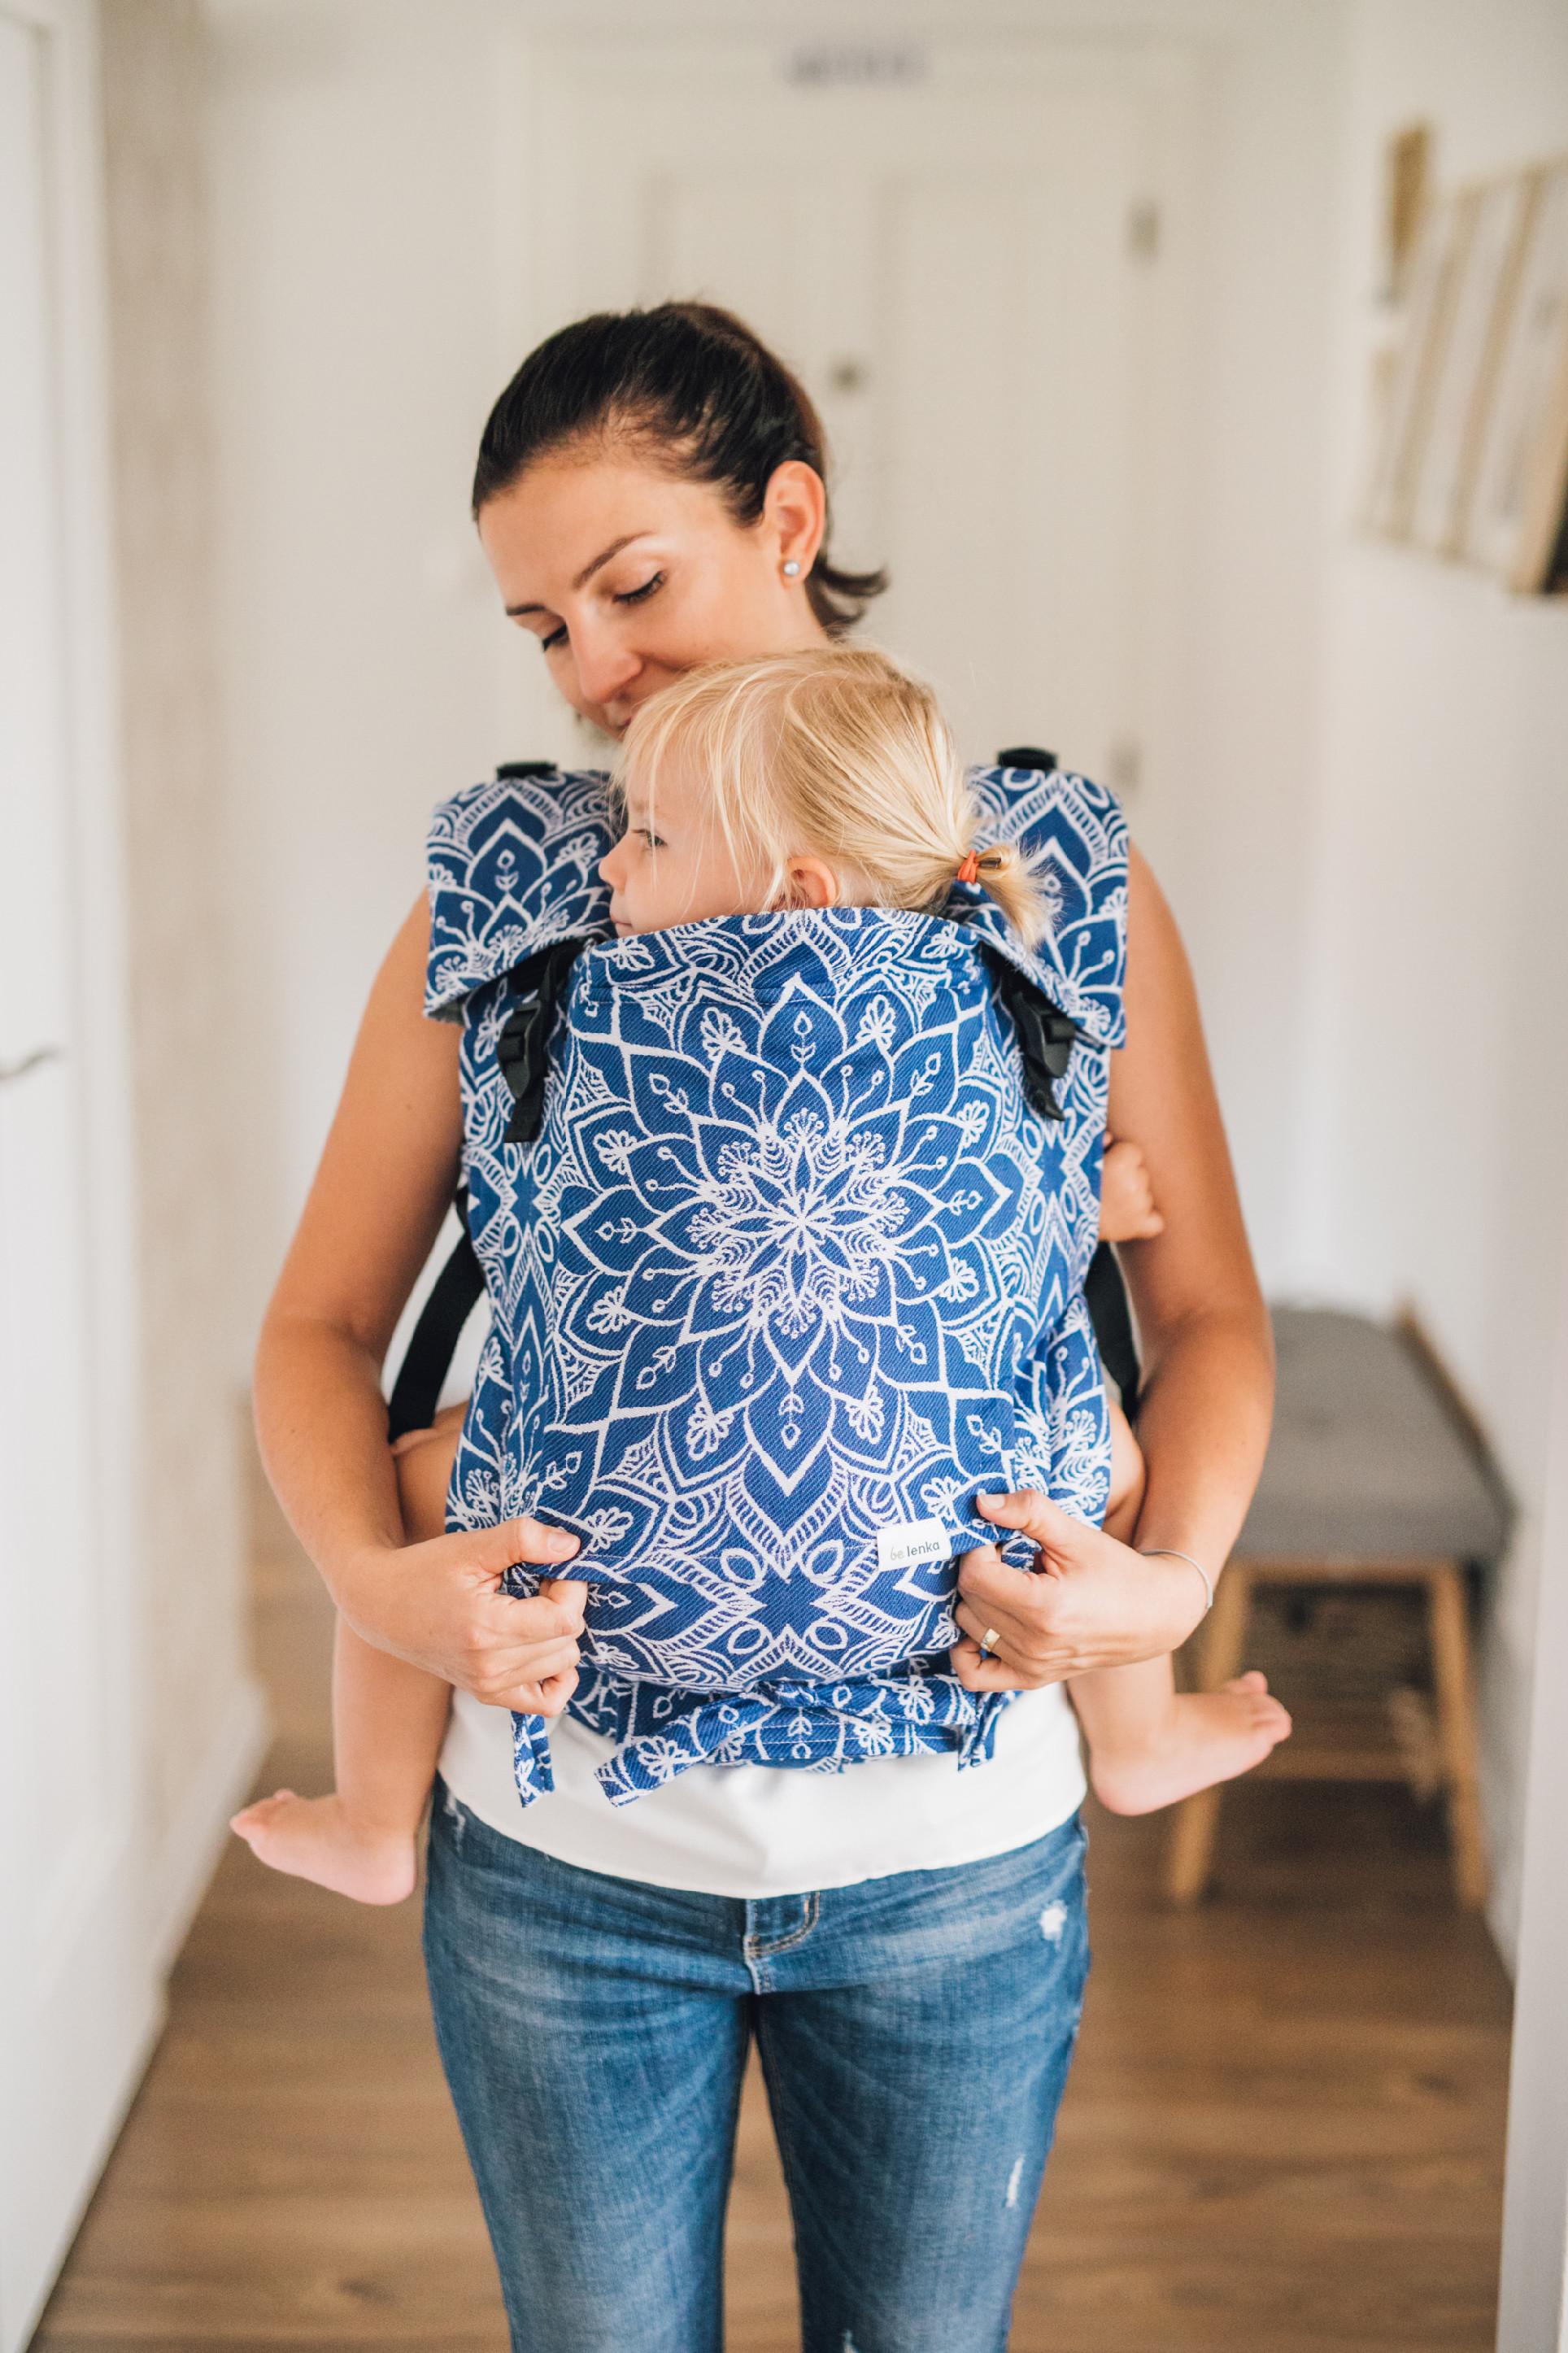 Babytrage Be Lenka 4ever - Mandala - Konigsblau Klassiker ohne die Moglichkeit der Uberquerung